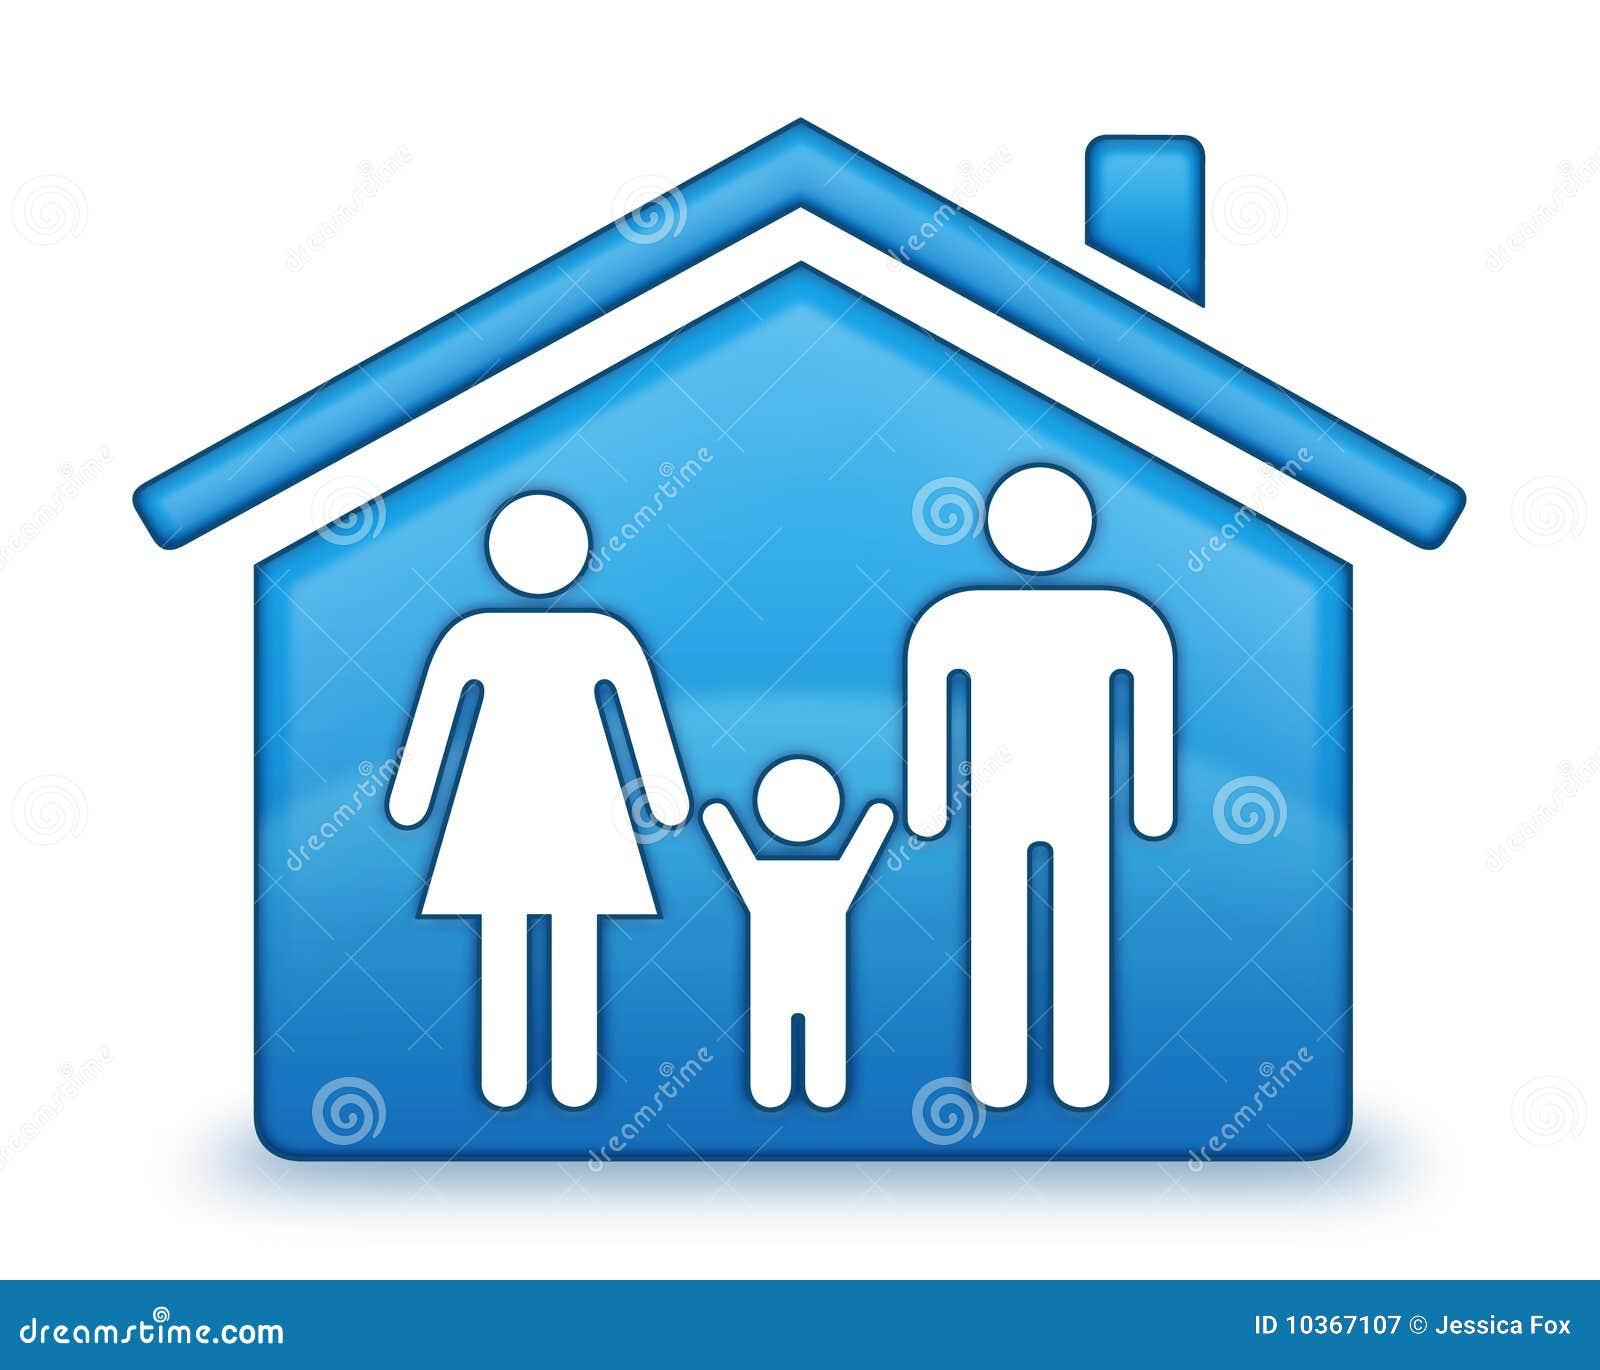 qq群图标_被创建的家族住宅群图标photoshop被传统化的象征.